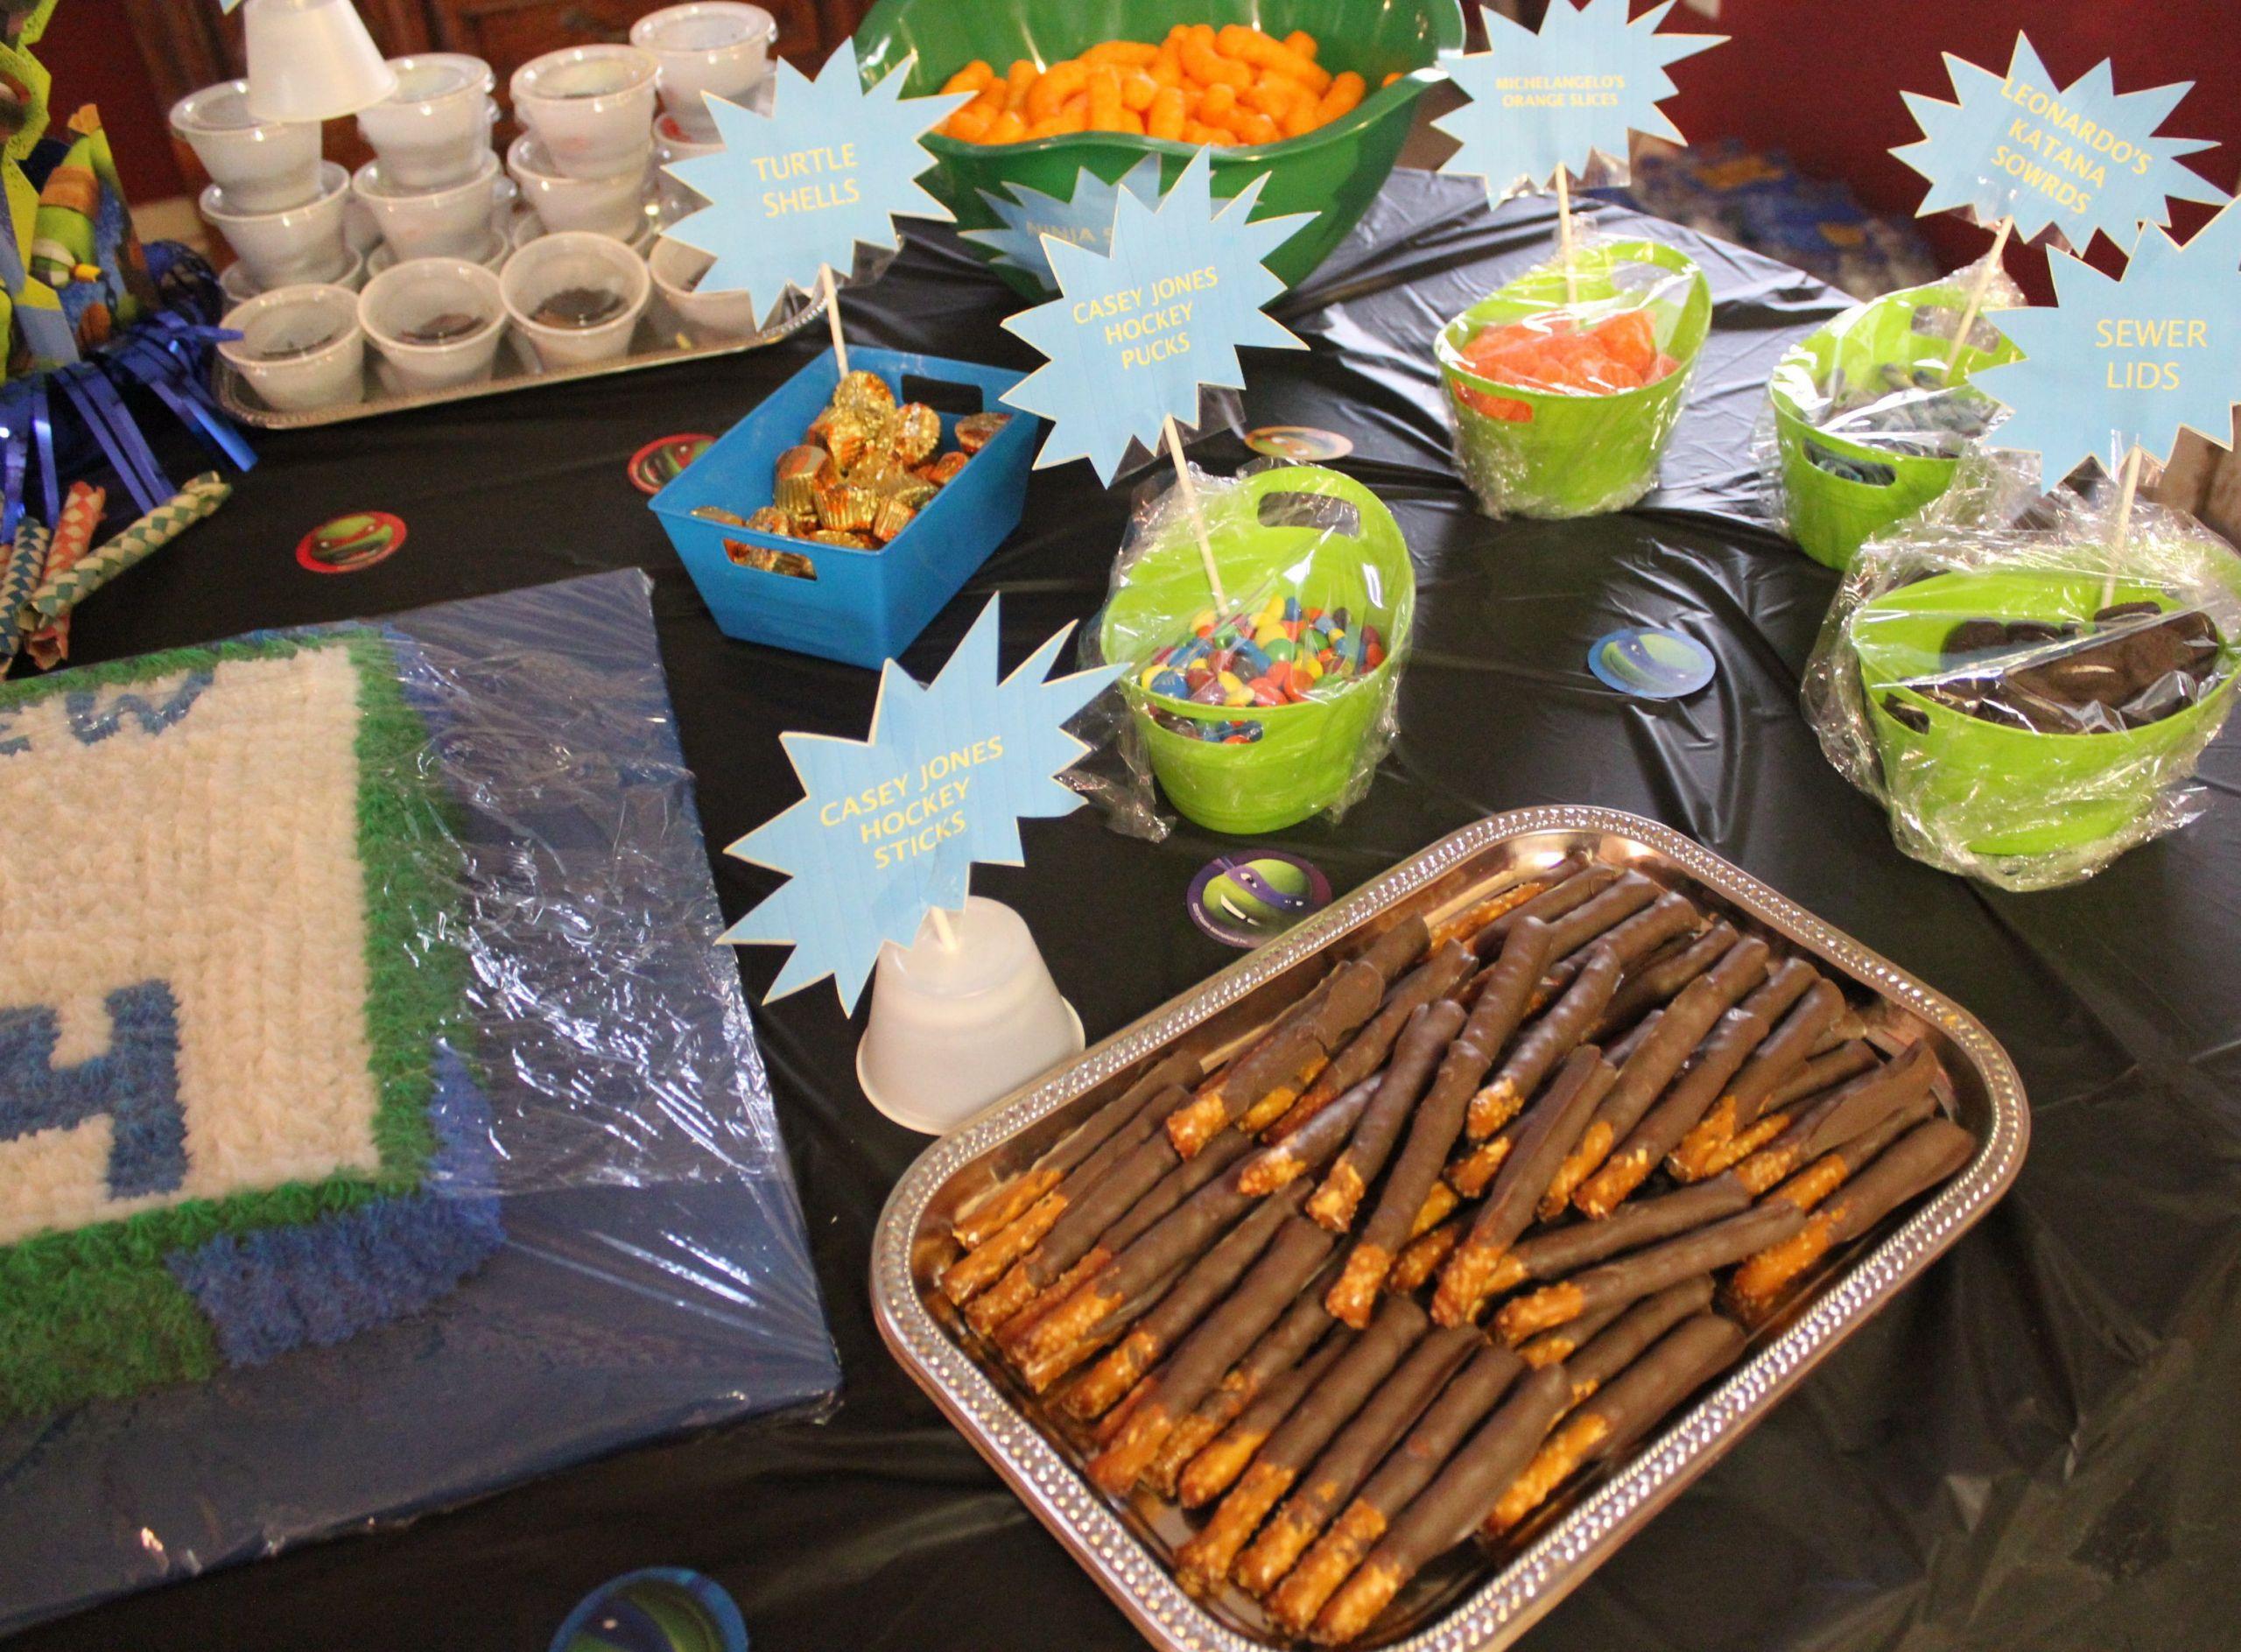 Ninja Turtles Birthday Party Food Ideas  Ninja Turtle party food